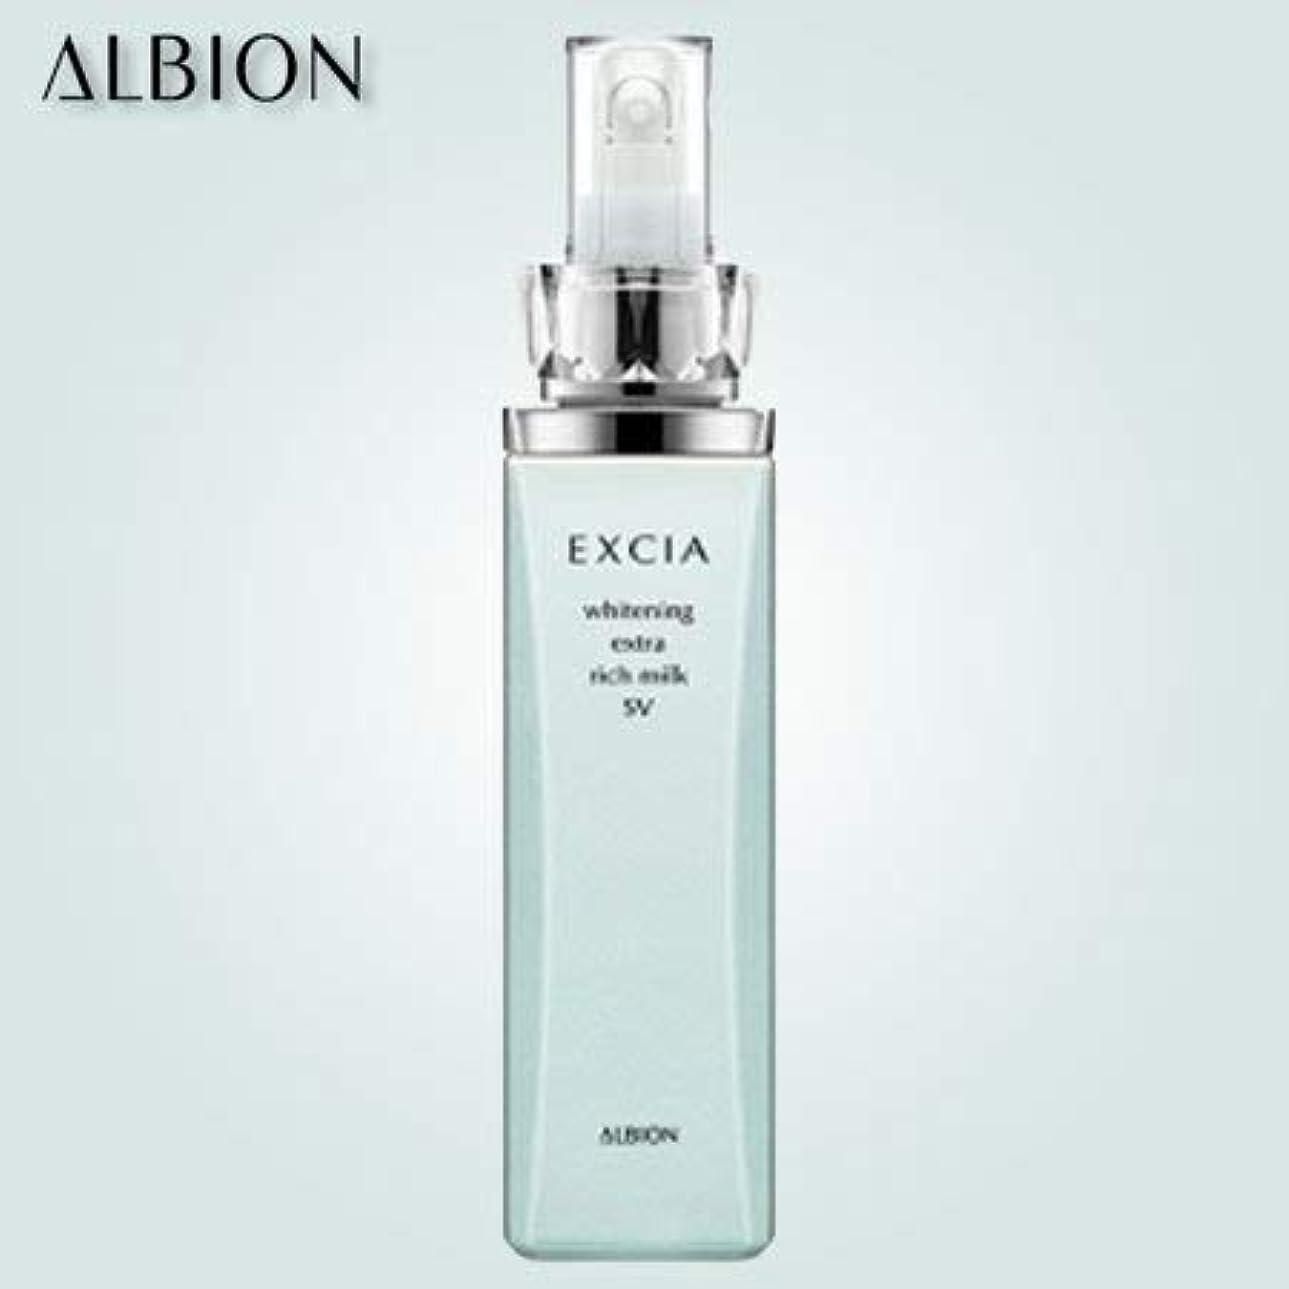 内なる報奨金不屈アルビオン エクシアAL ホワイトニング エクストラリッチミルク SV(ノーマル~ドライスキン用)200g-ALBION-